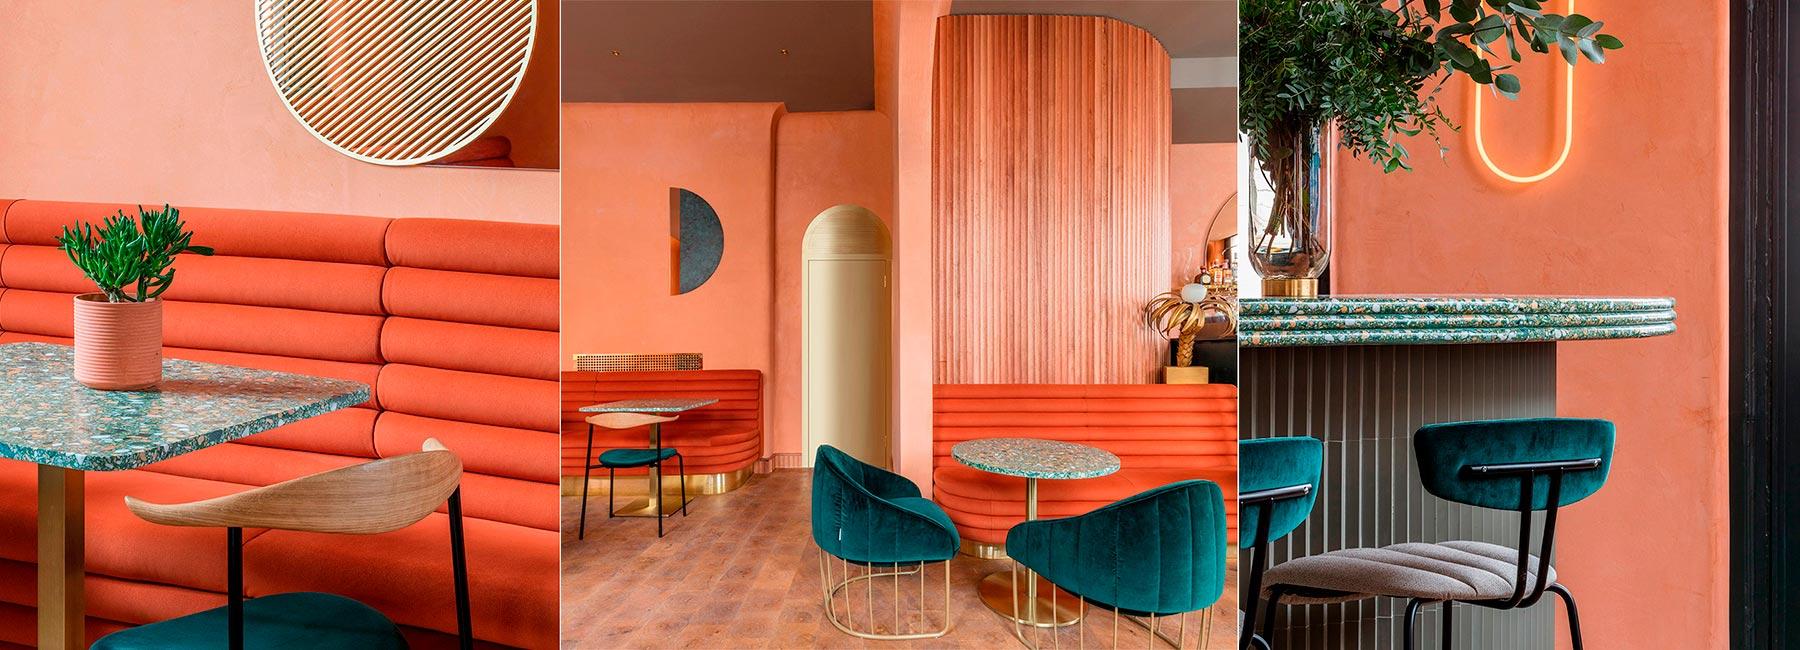 Ресторан в терракотовых тонах от Sella Concept – Omar's place